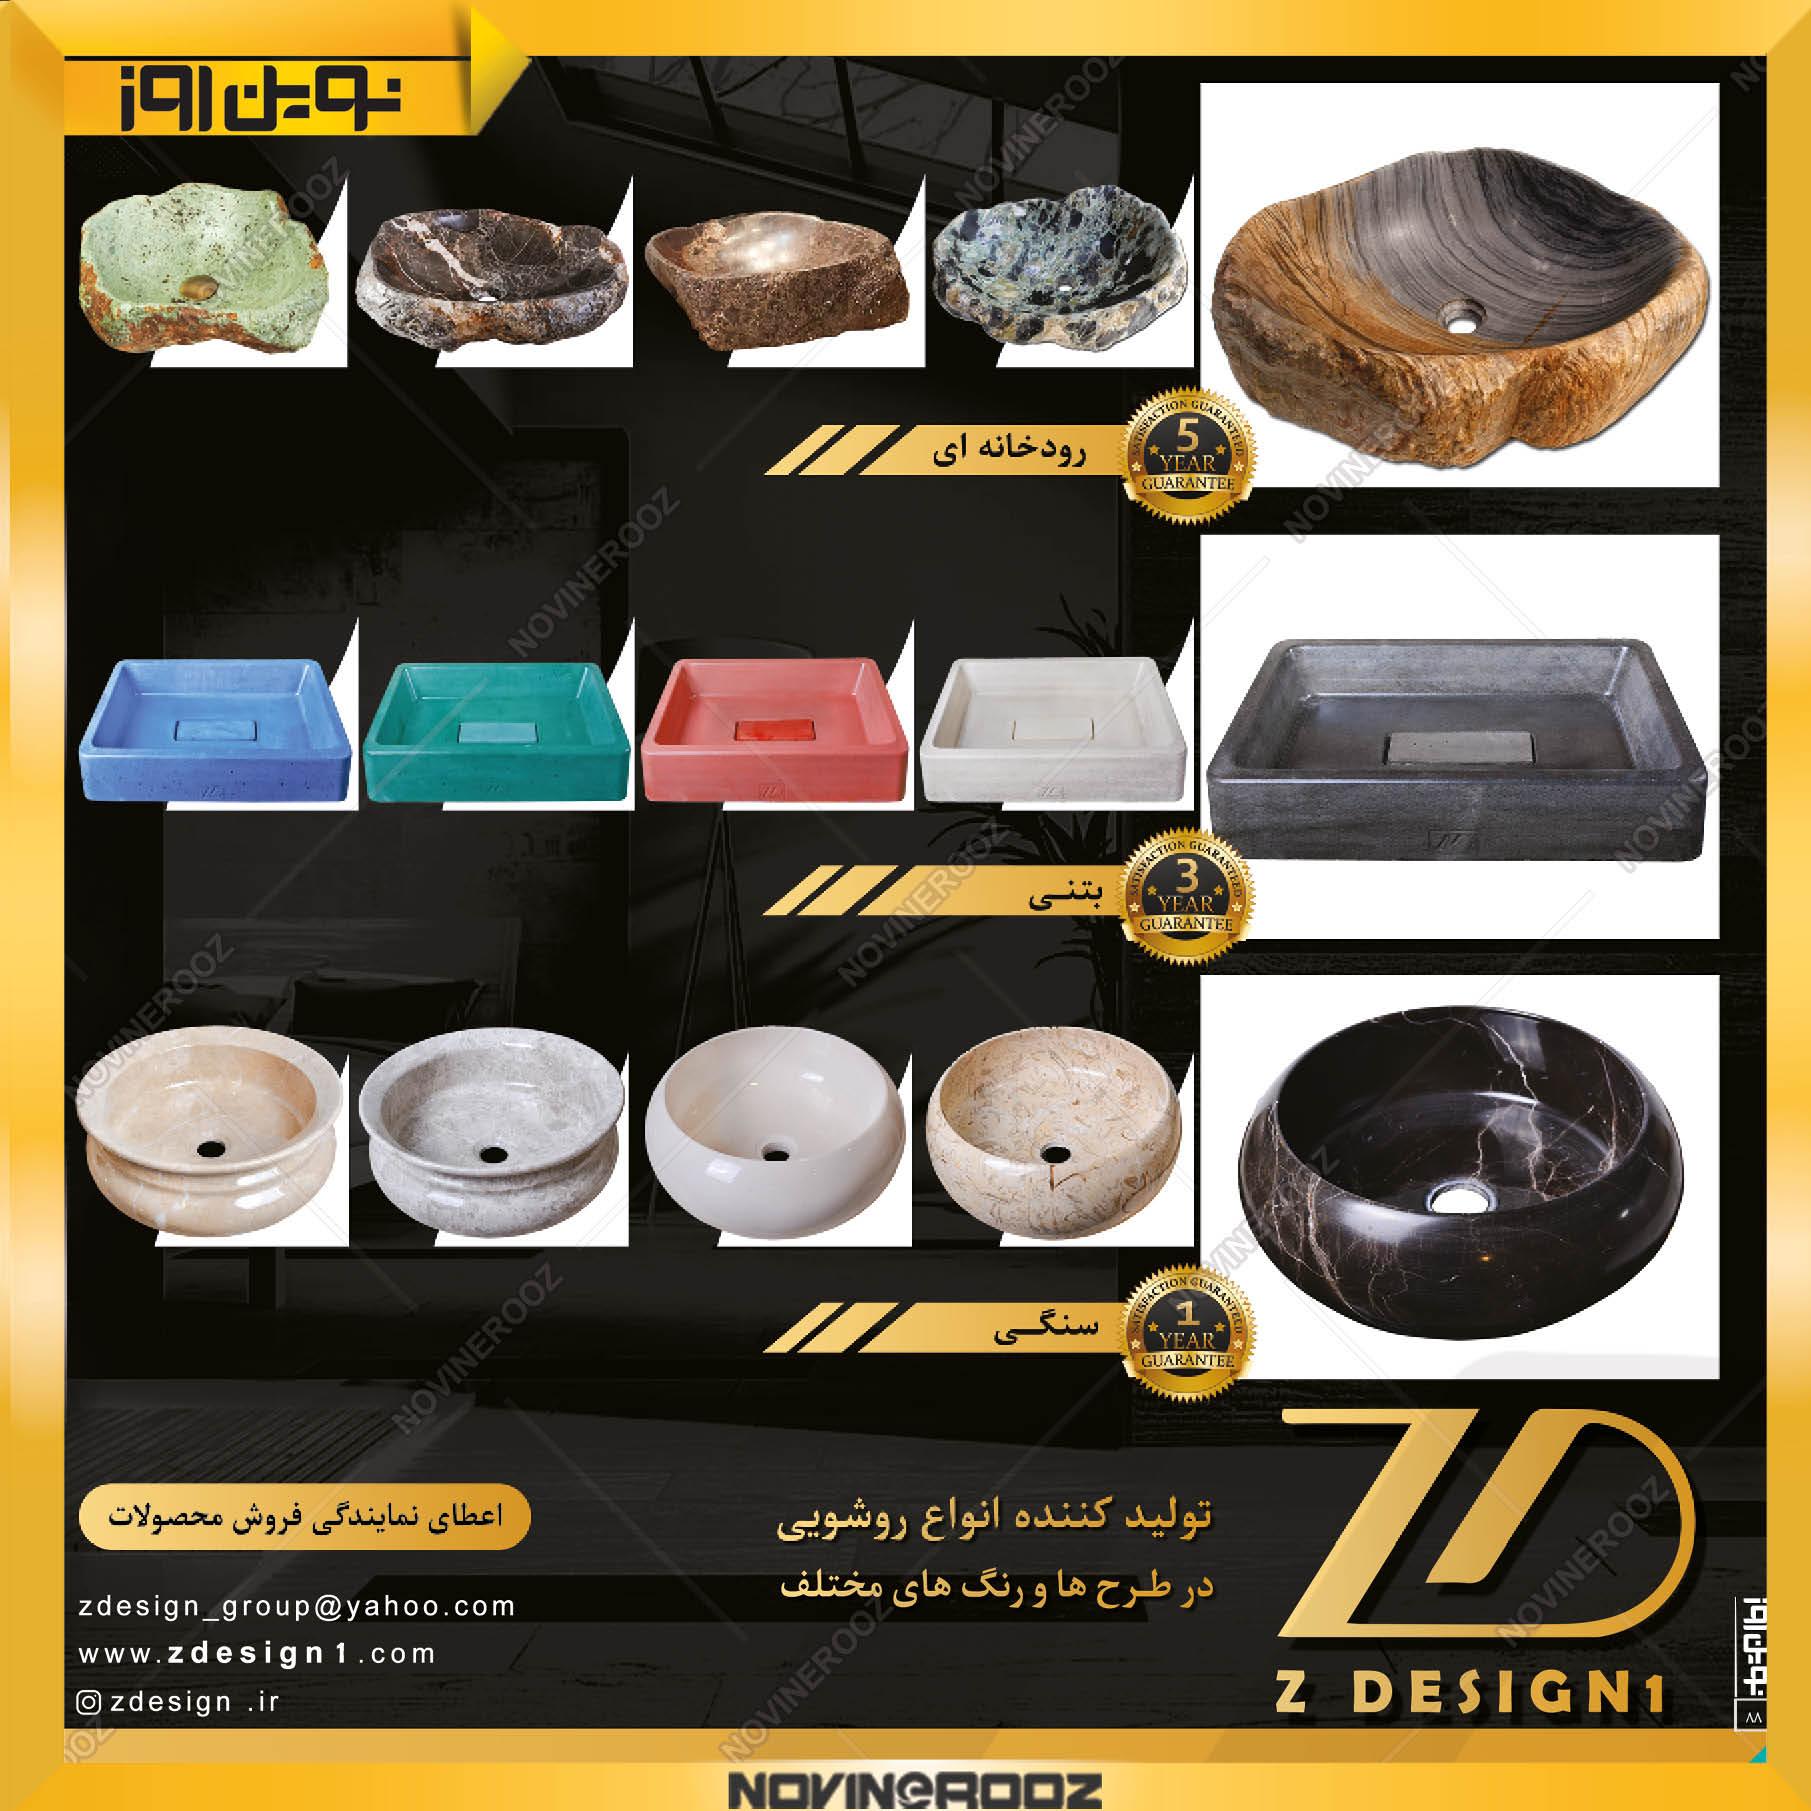 تولیدی زد دیزاین-59-1